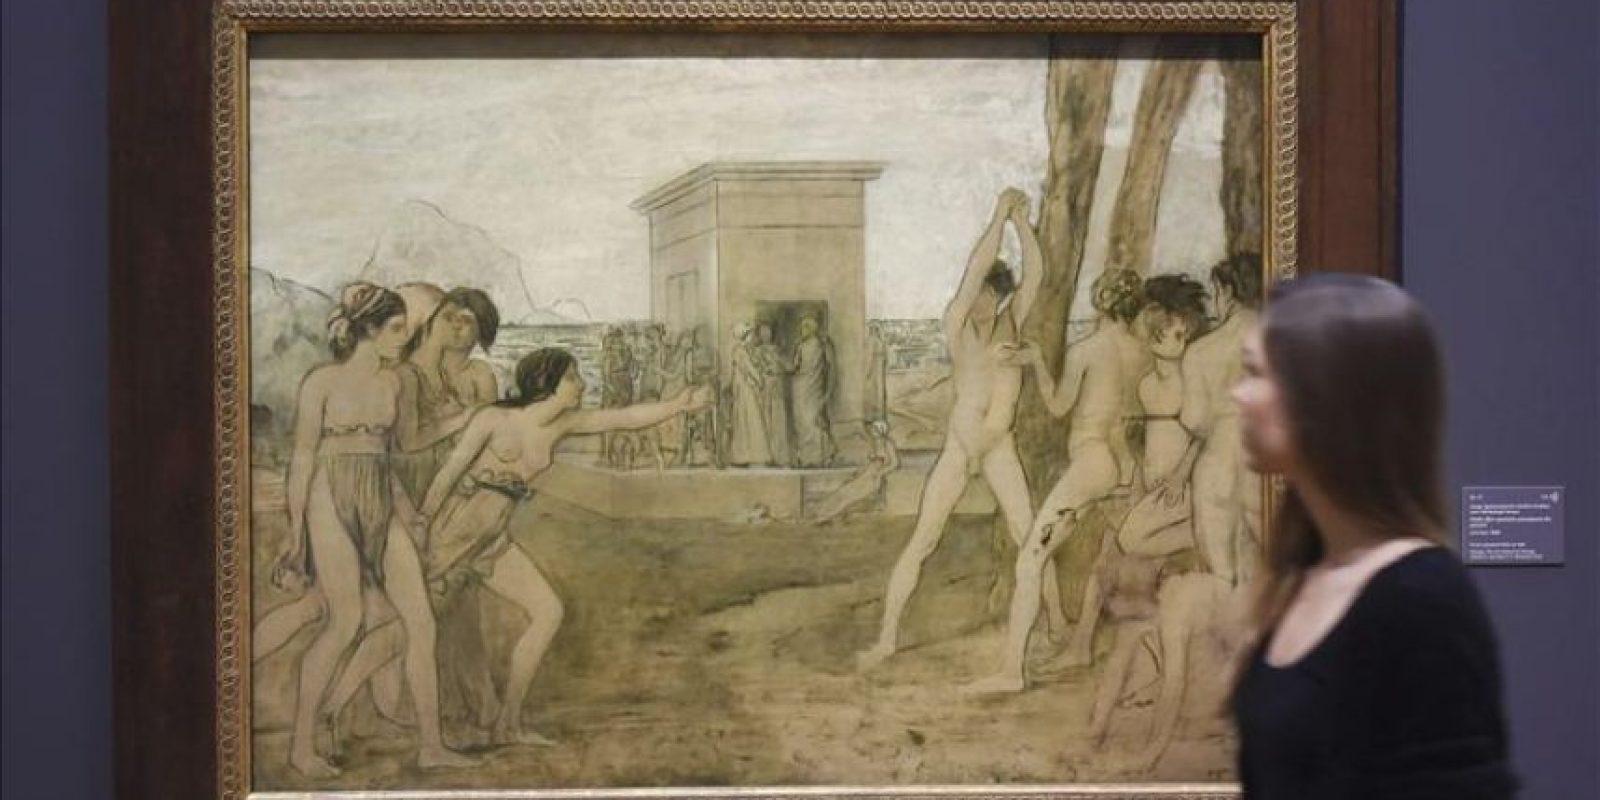 """Una mujer observa la obra """"Jóvenes Espartanas provocando a los jóvenes"""" (1860) de Edgar Degas que se muestra en la exposición """"Degas, Clasicismo y Experimentación"""" en el Staatliche Kunsthalle en Karlsruhe (Alemania) hoy. EFE"""